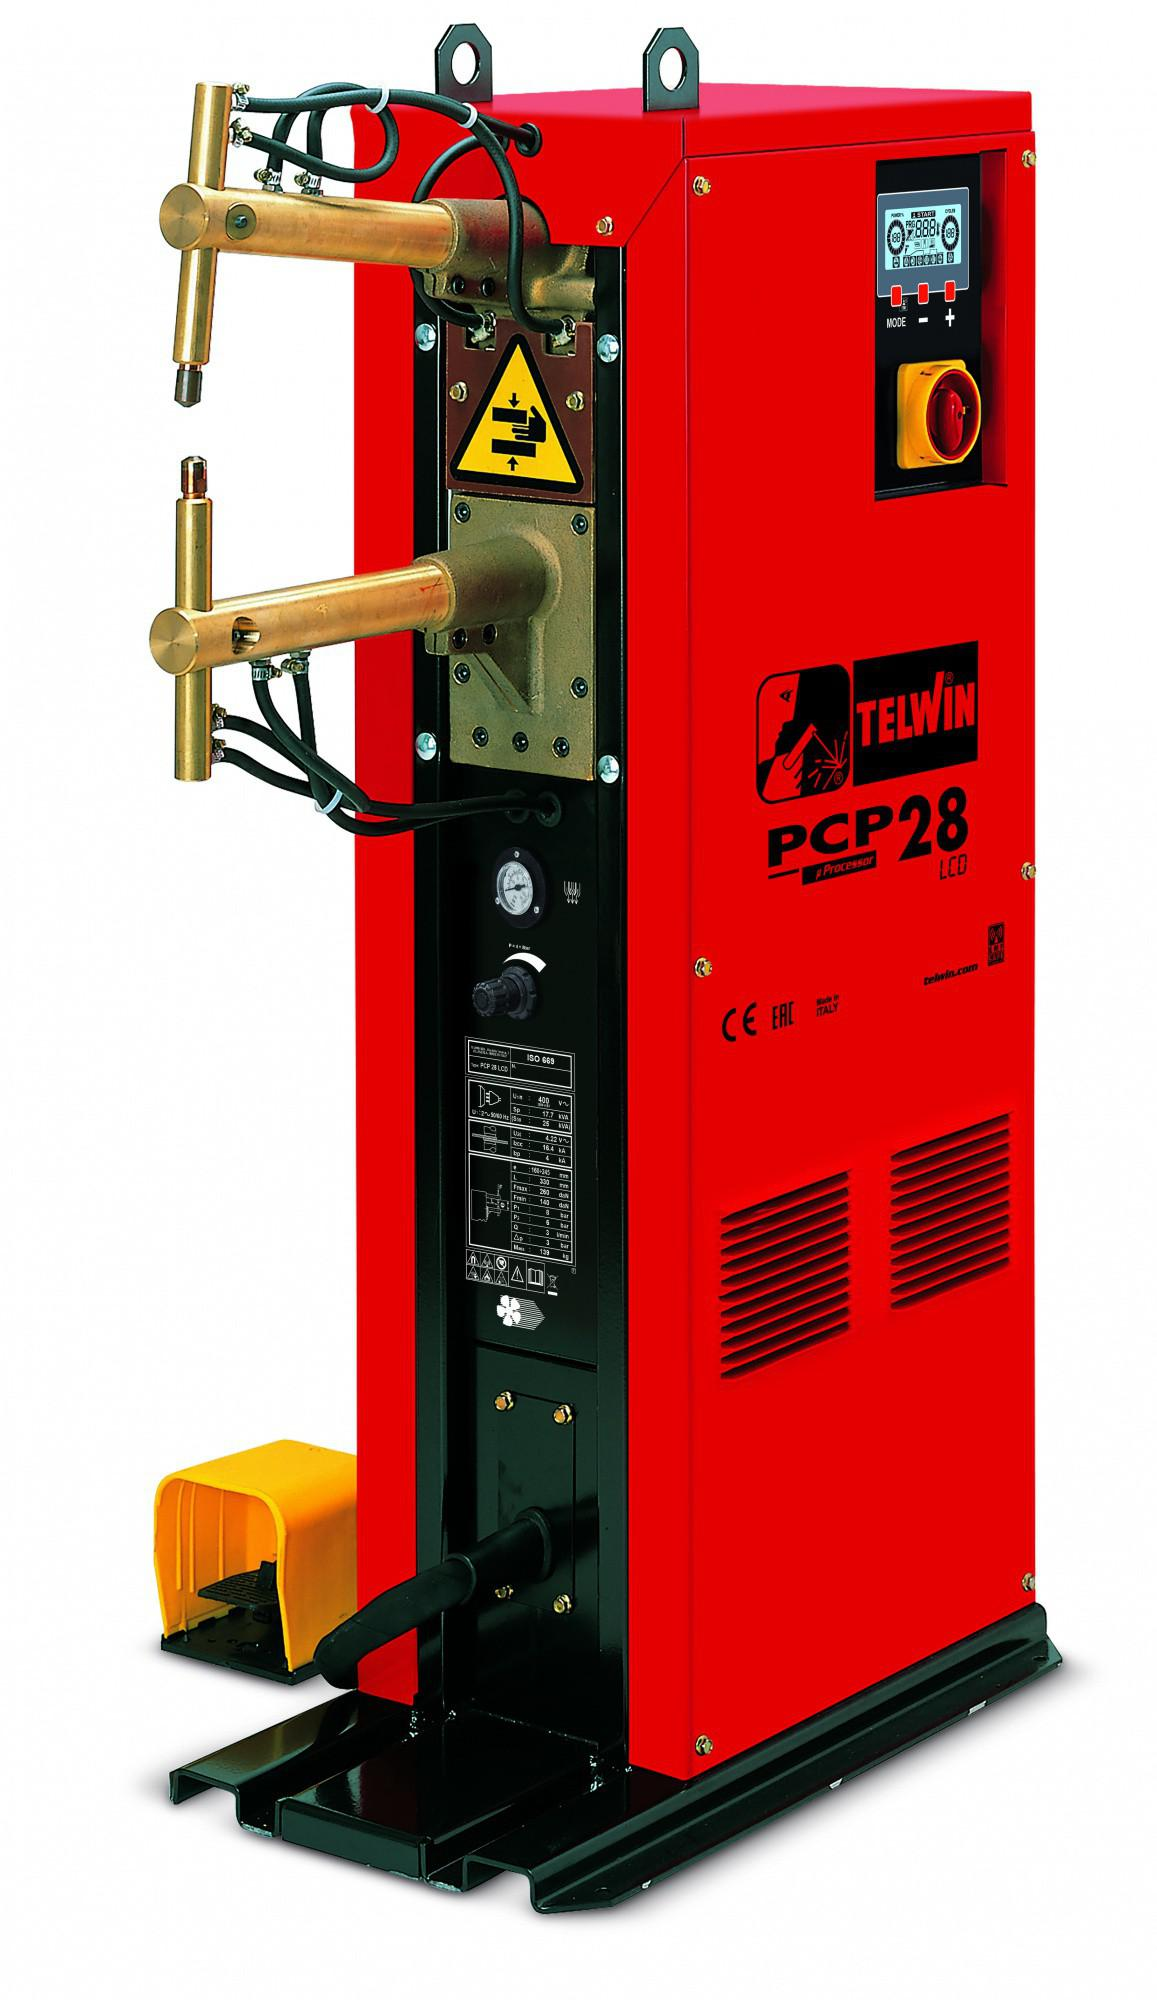 цена на Сварочный аппарат Telwin Pcp 28 lcd 400v